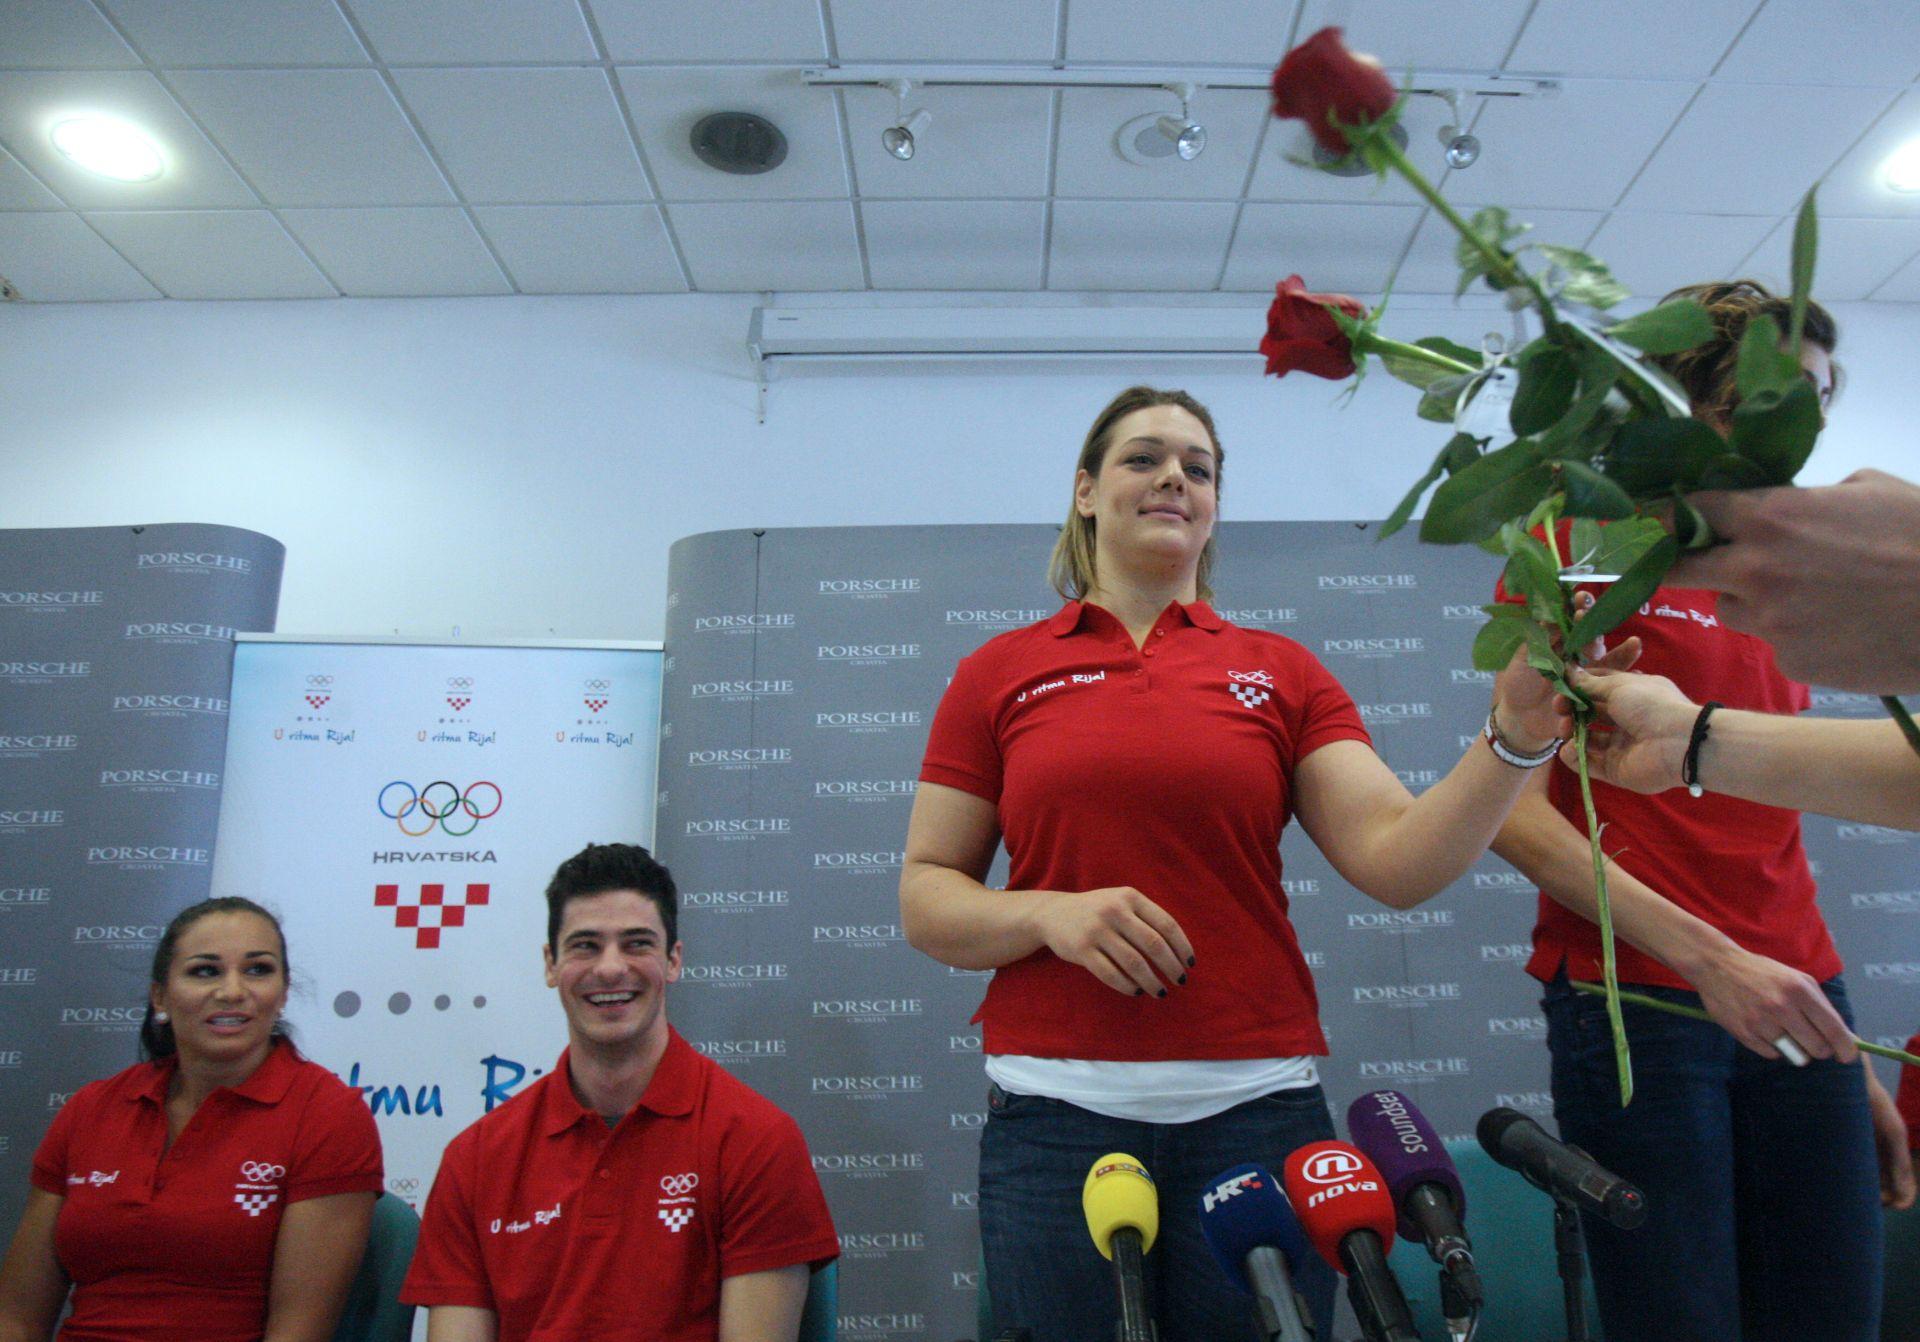 OLIMPIJSKE IGRE: Rekordnih 11 atletičara za Rio